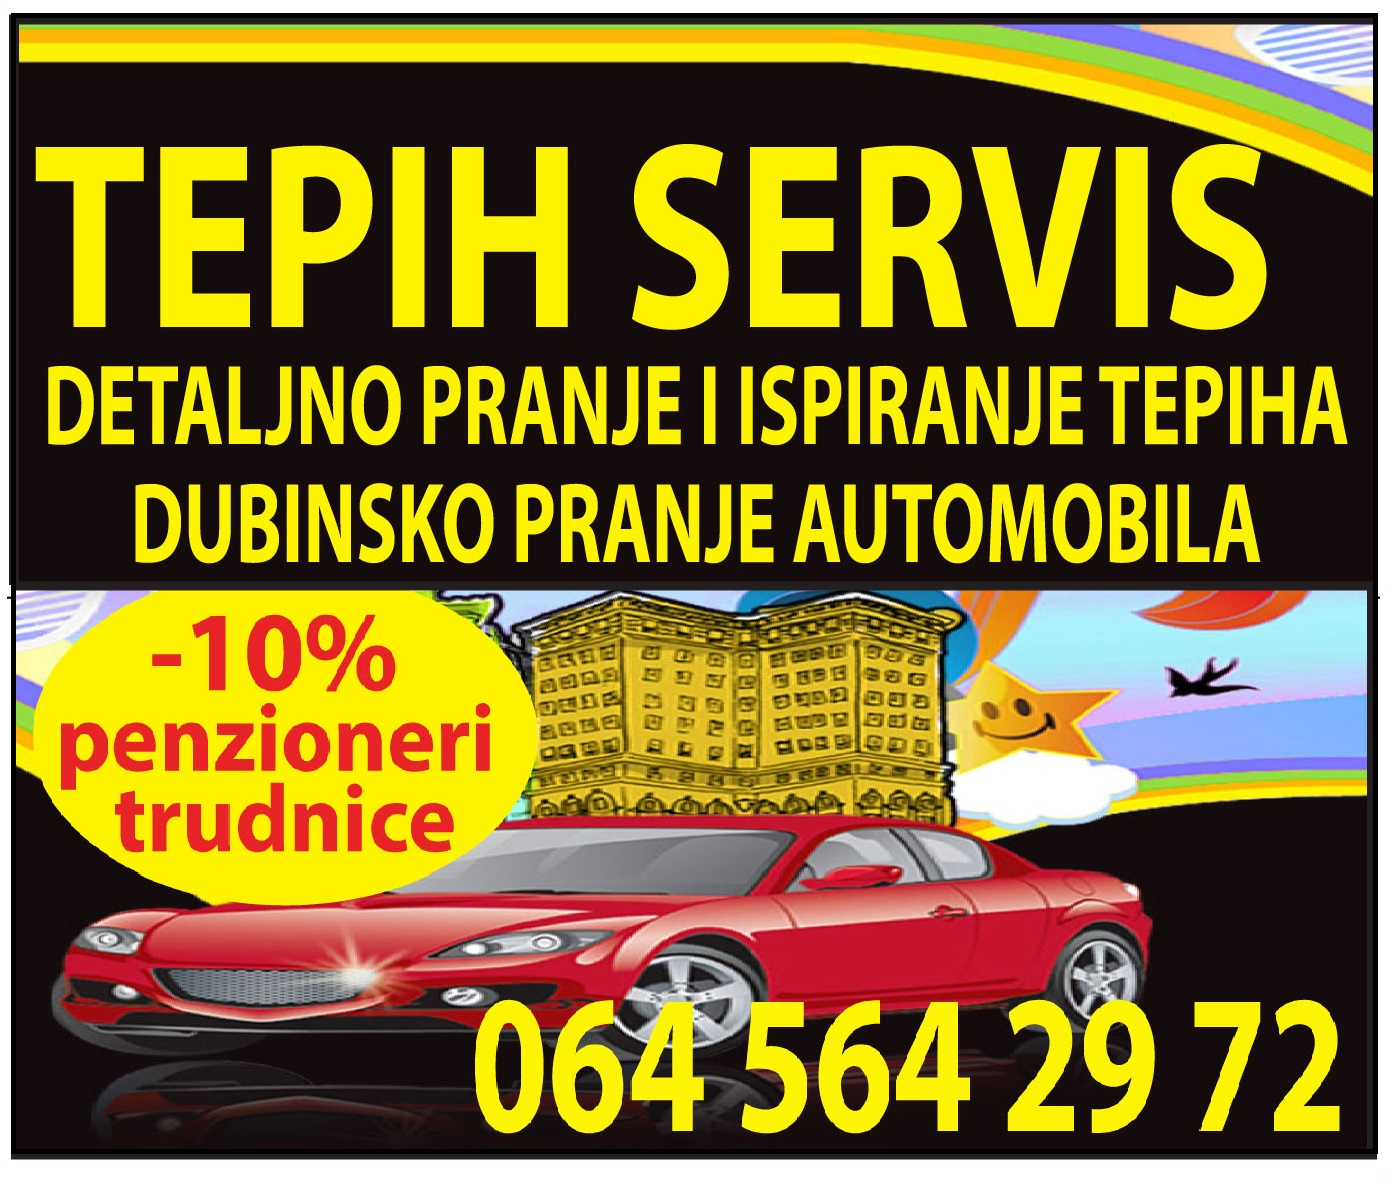 Tepih-servis-BEOGRAD-BEZANIJA-BEZANIJSKAKOSA-DUBINSKO-PRANJE-AUTO-PERIONICA-LEDINE-POVOLJNO-CISTO-KUCA-ETISON-CISCENJE-SERVIS-mojabazacom